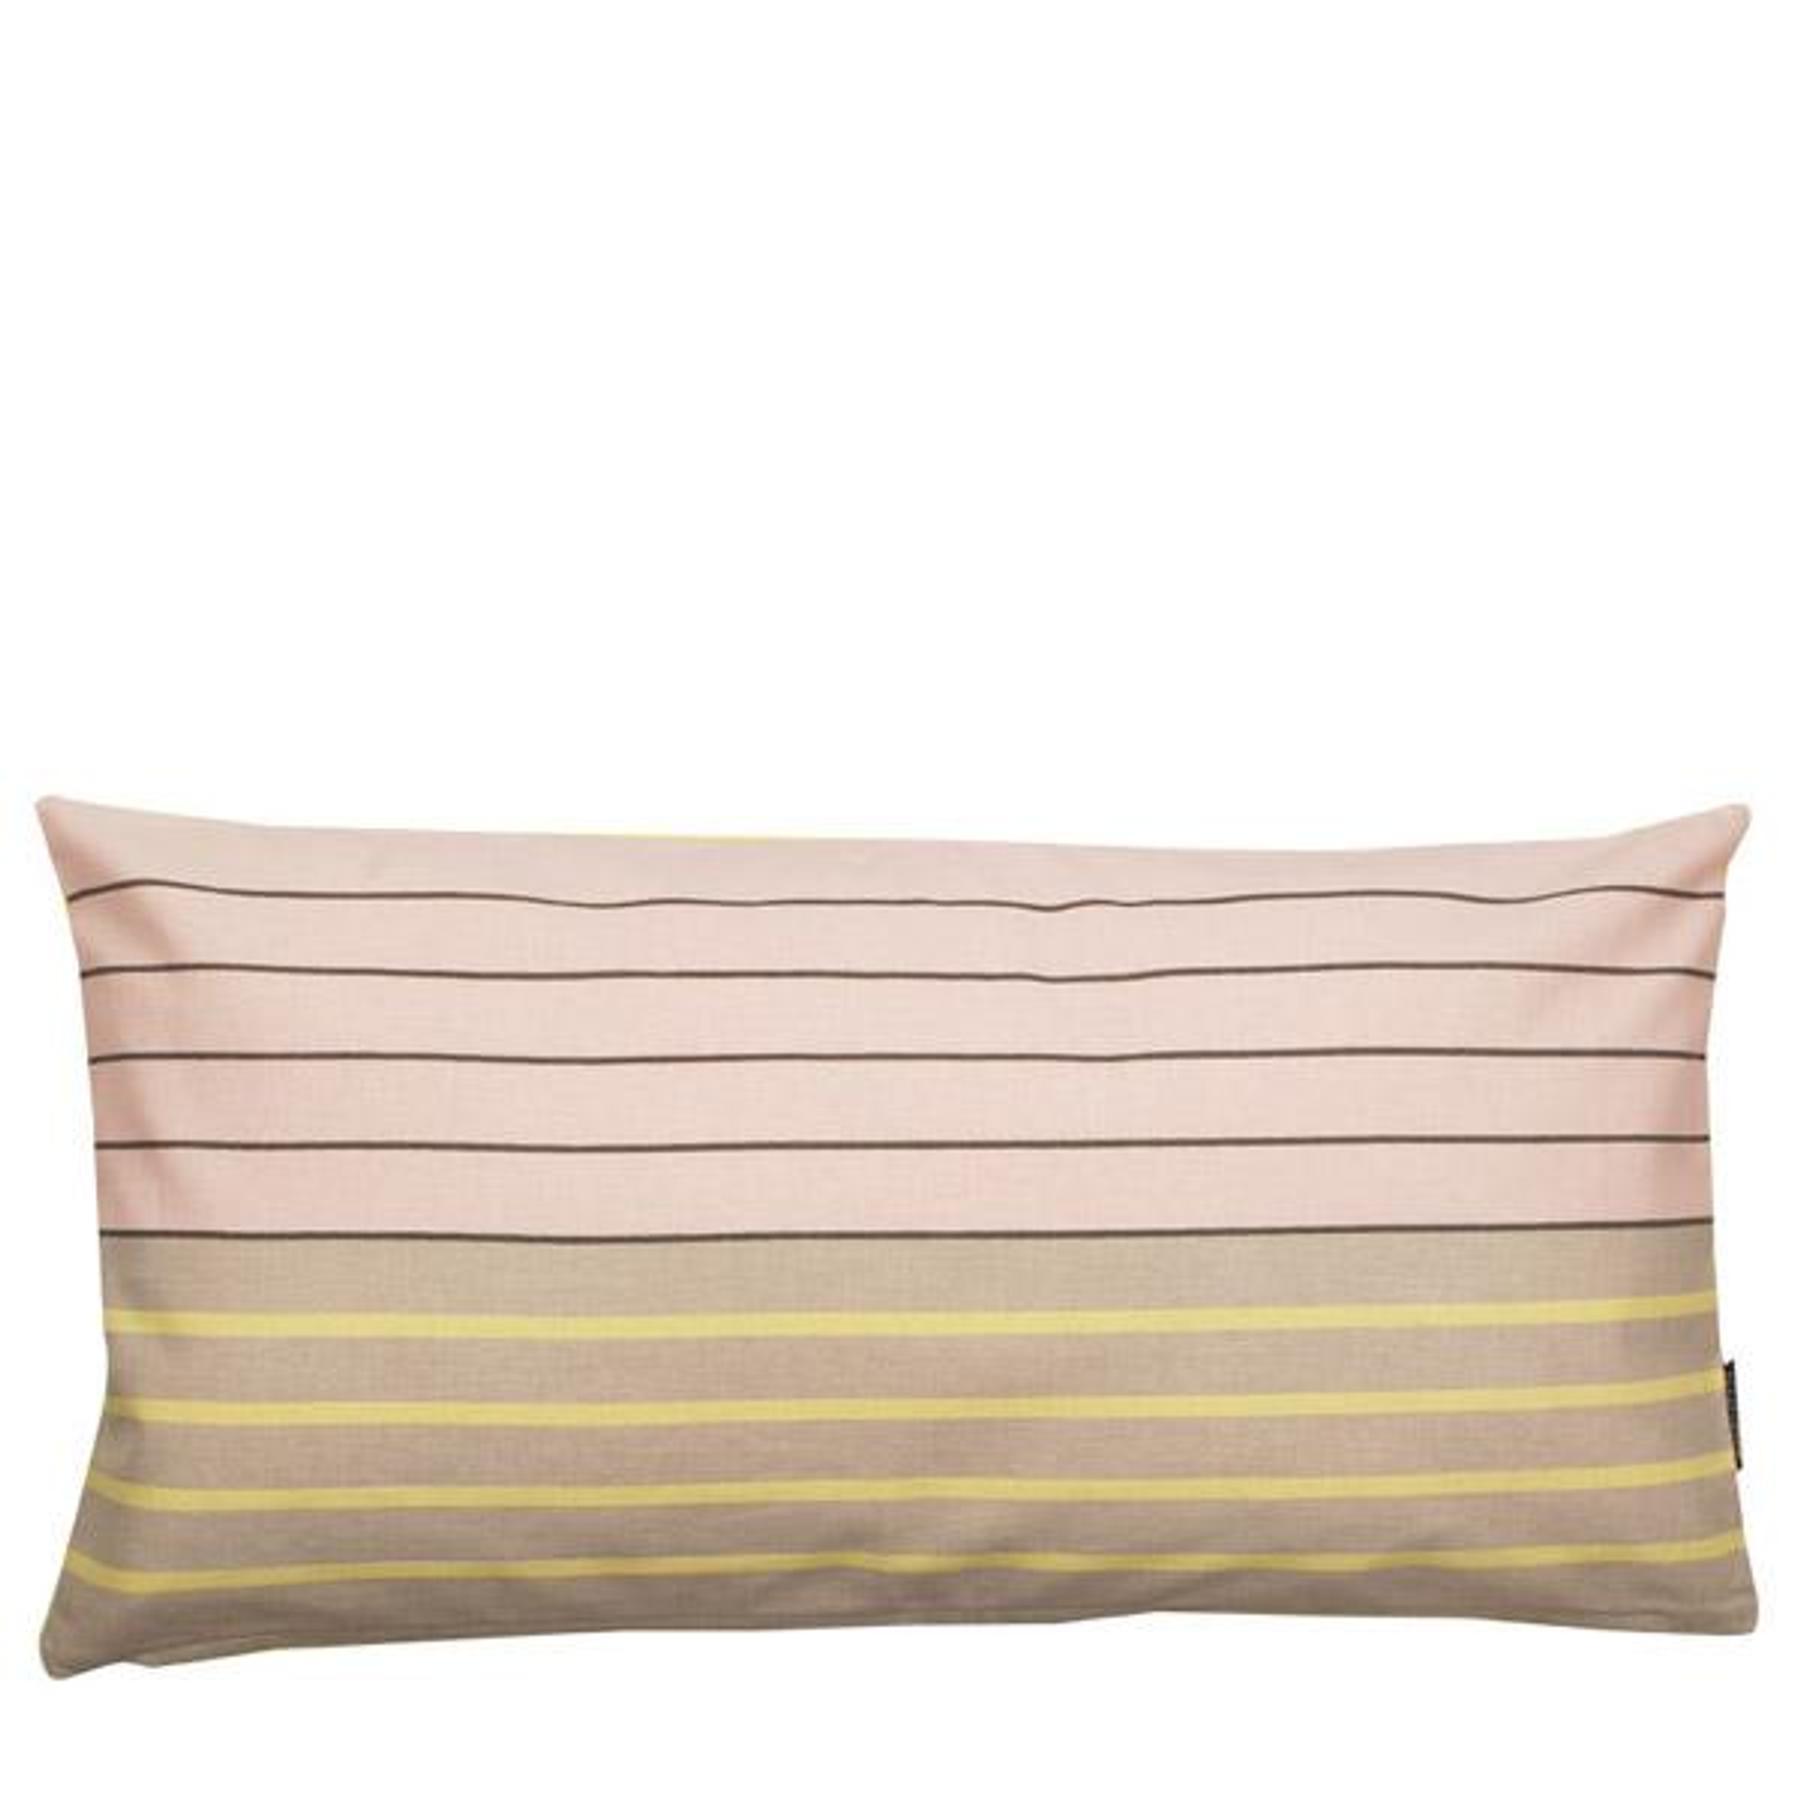 Aspegren Kissen Design Stripes Rose Schönes Sofakissen Aus